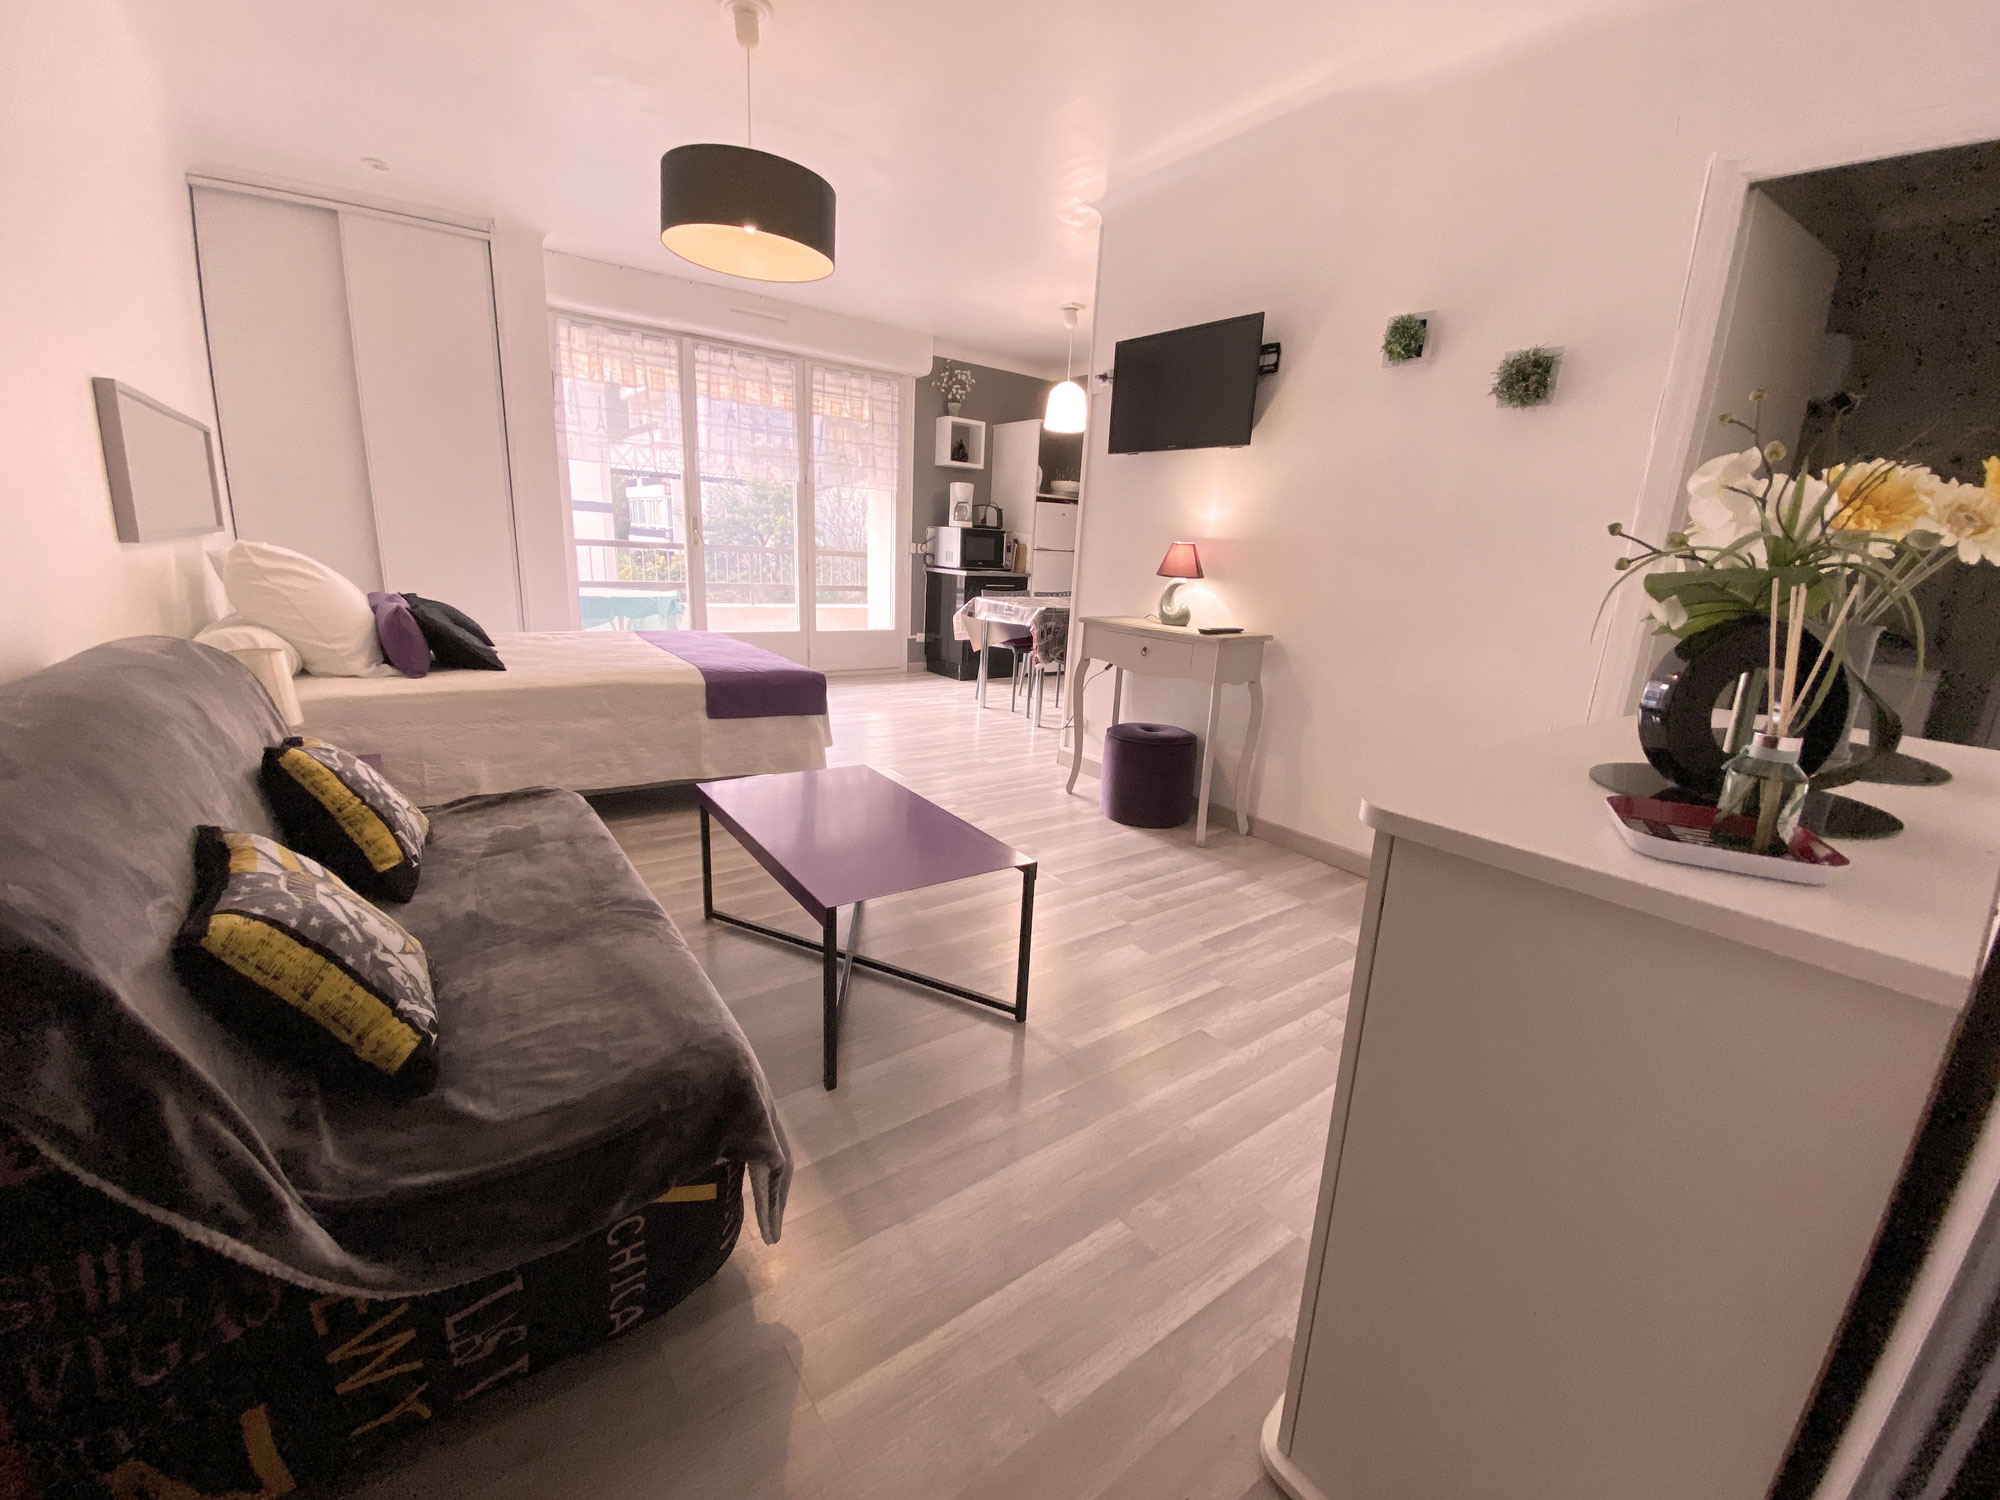 Canapé , table basse, TV , Lit , Porte fenêtre